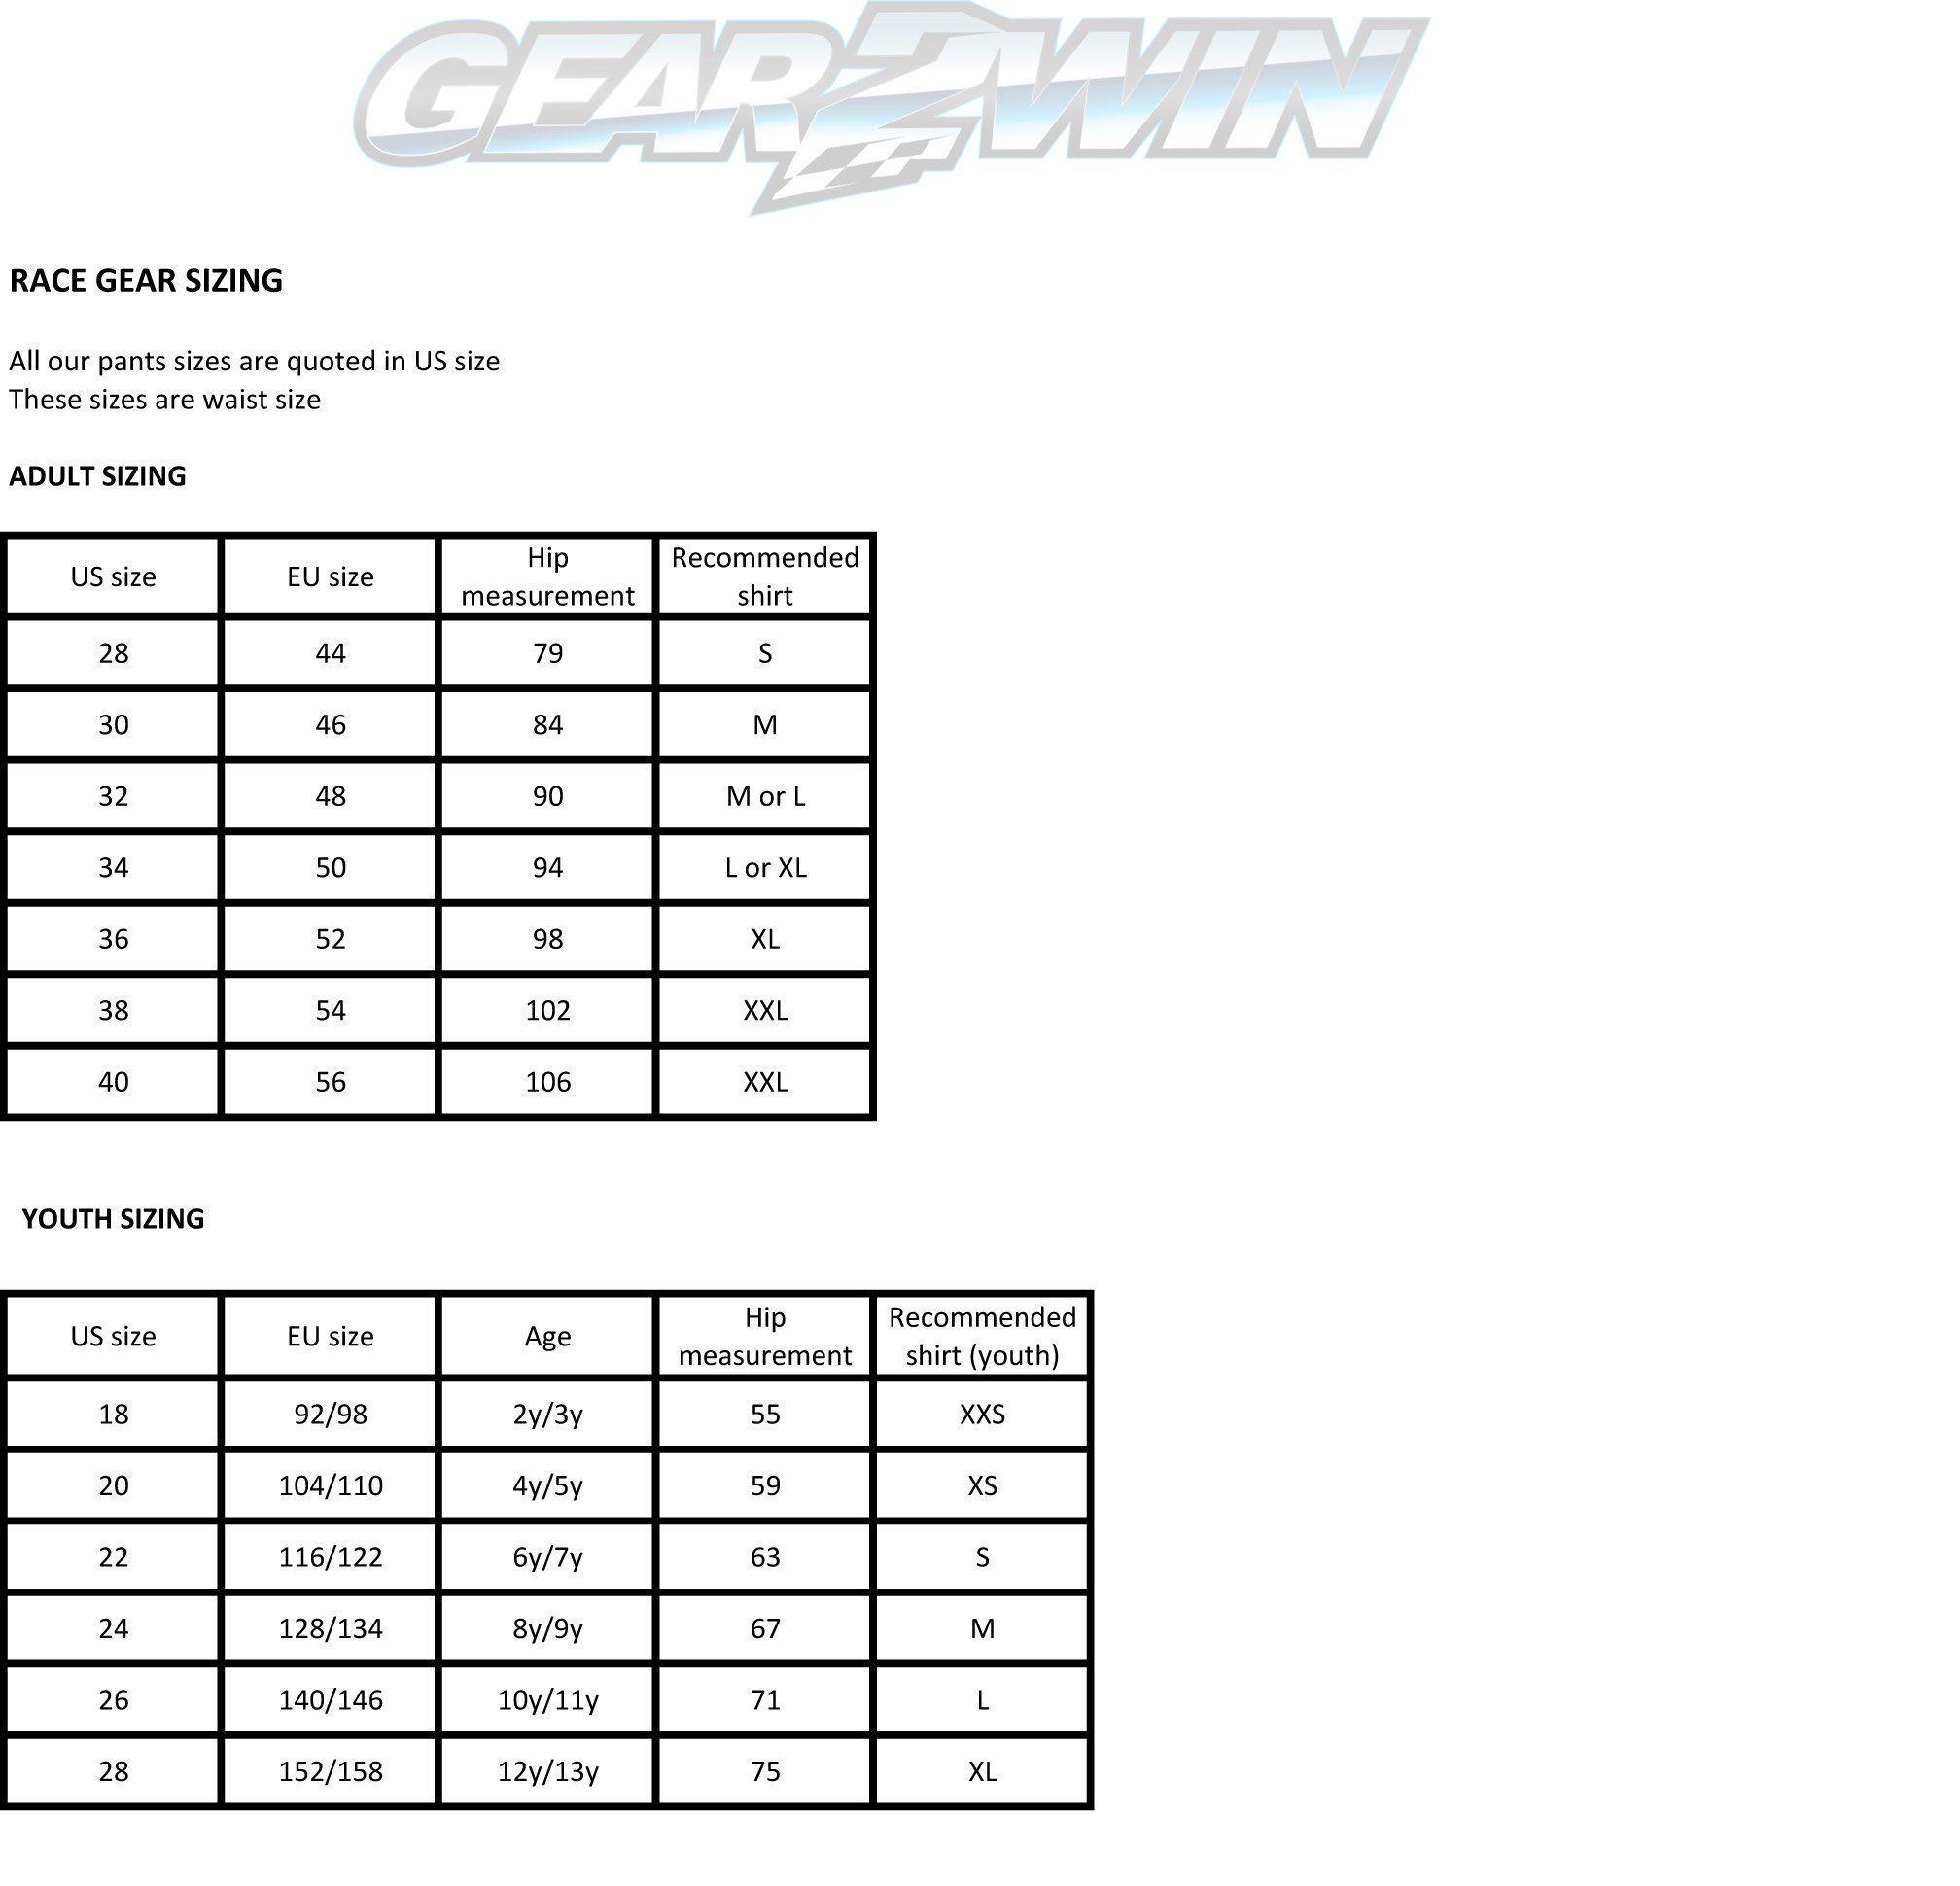 Gear2win Race Gear sizing chart